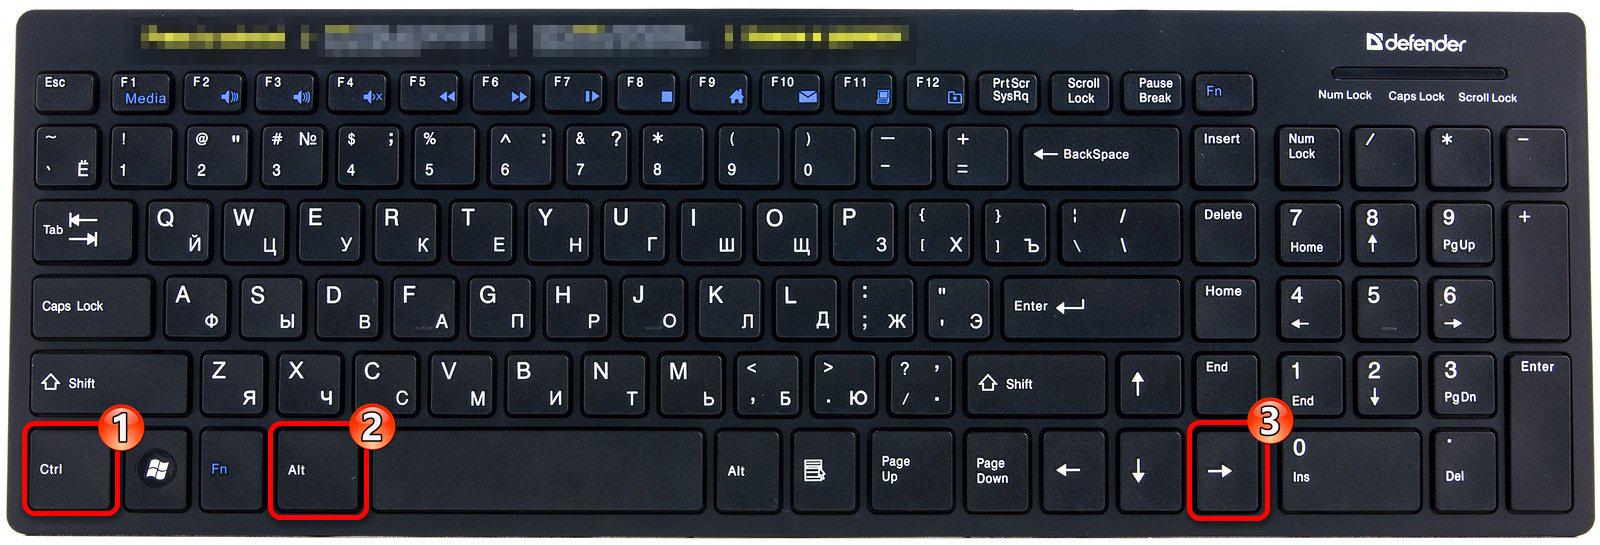 Сочетание клавиш для поворота ориентации экрана вправо в Виндовс 10